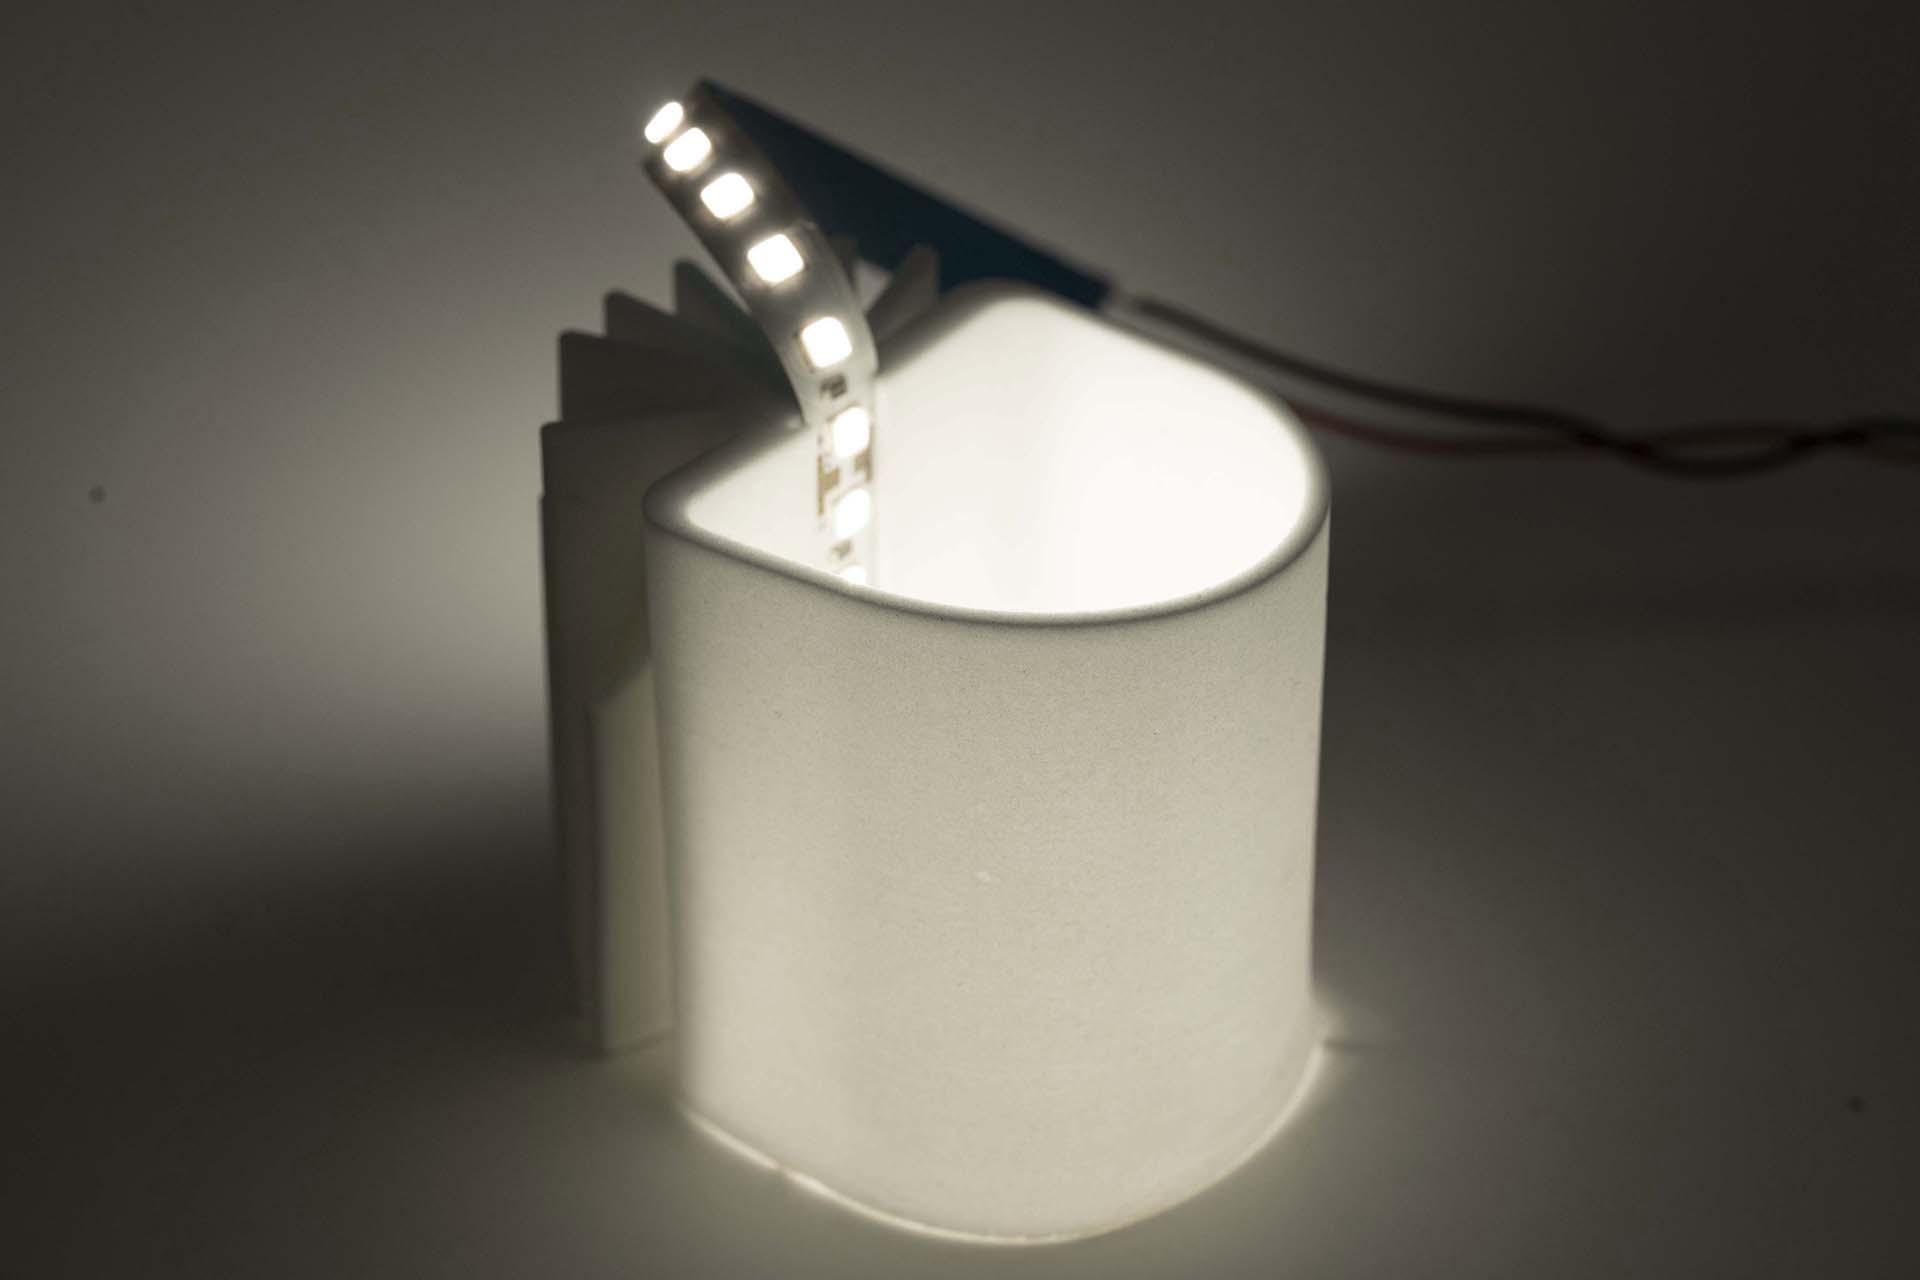 Gebrannter Kühlkörper mit innenliegender LED, hinterleuchtet, Ansicht von vorne